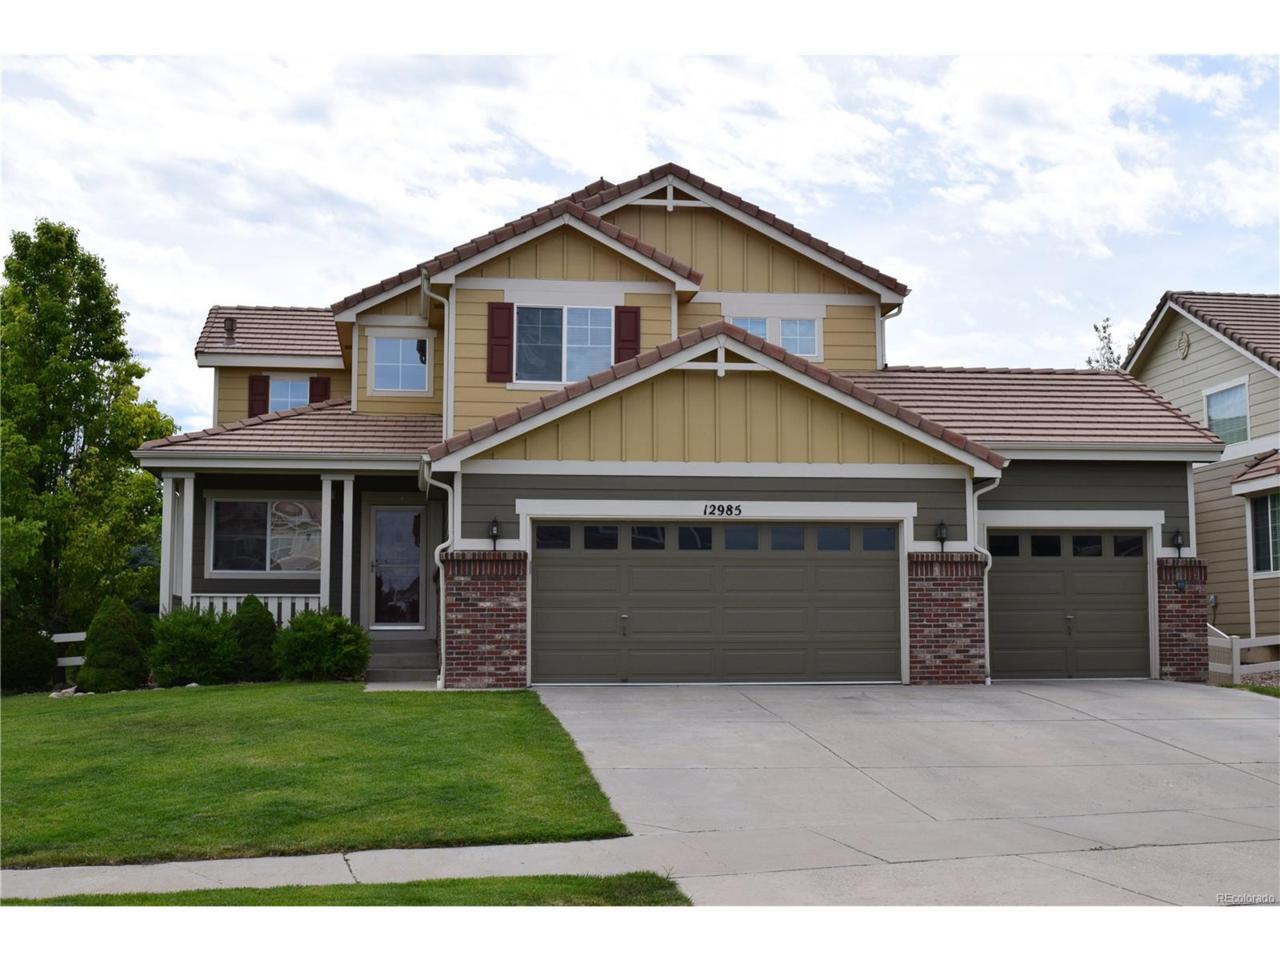 12985 Banyon Circle, Parker, CO 80134 (MLS #7261395) :: 8z Real Estate